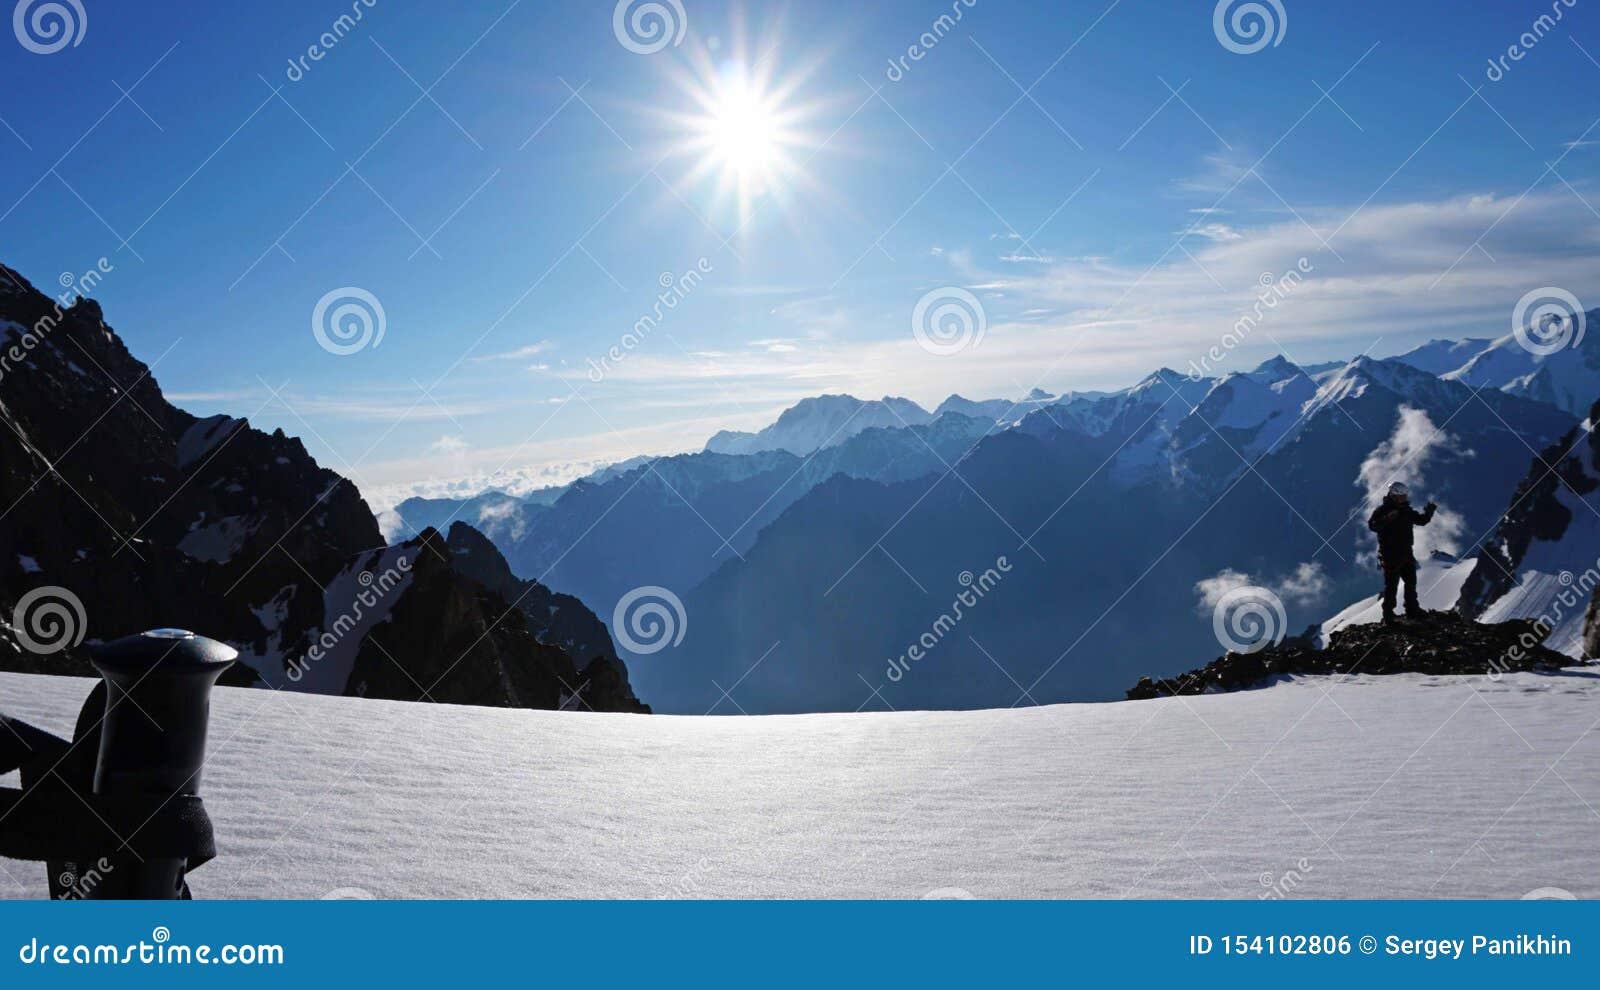 Trekking poler på bakgrunden av solen, de snöig bergen, den blåa himlen och molnen